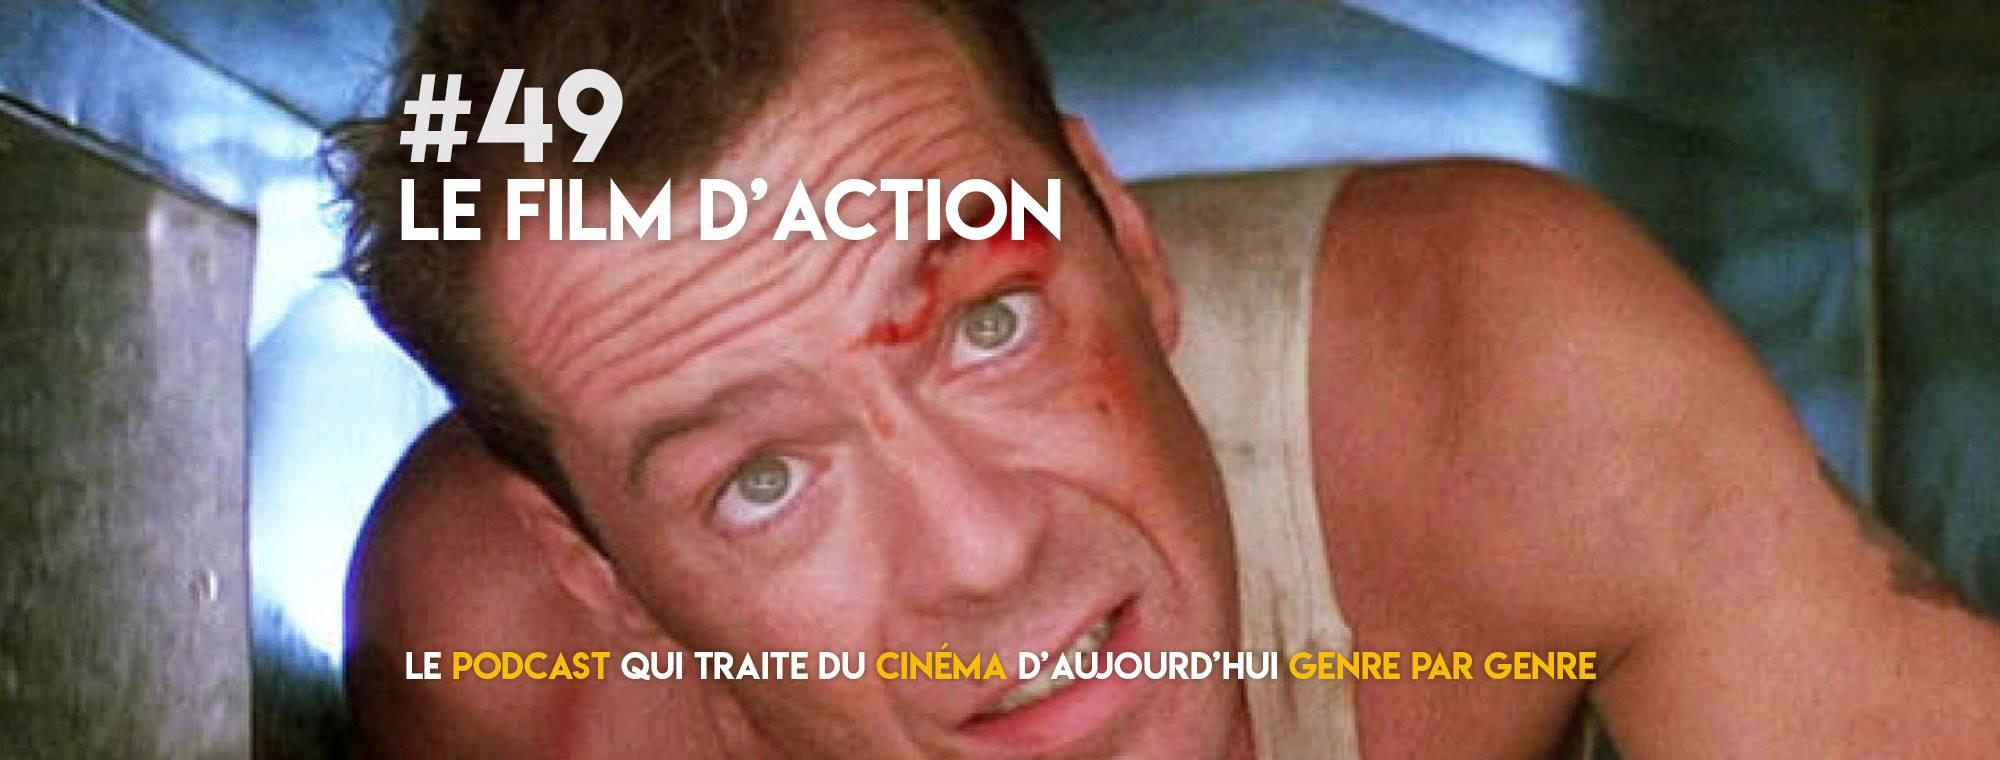 Parlons Péloches - #49 Le film d'action